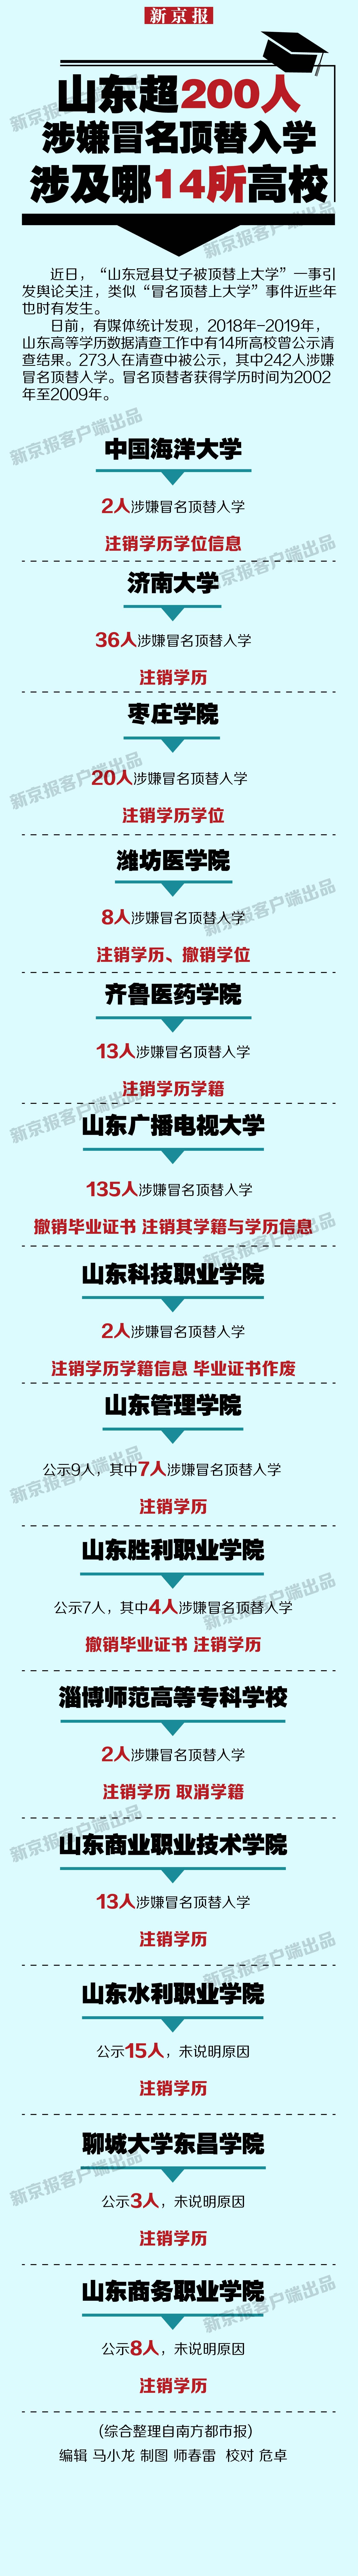 山东242人涉嫌冒名顶替入学:涉及这14所高校 不乏知名学府